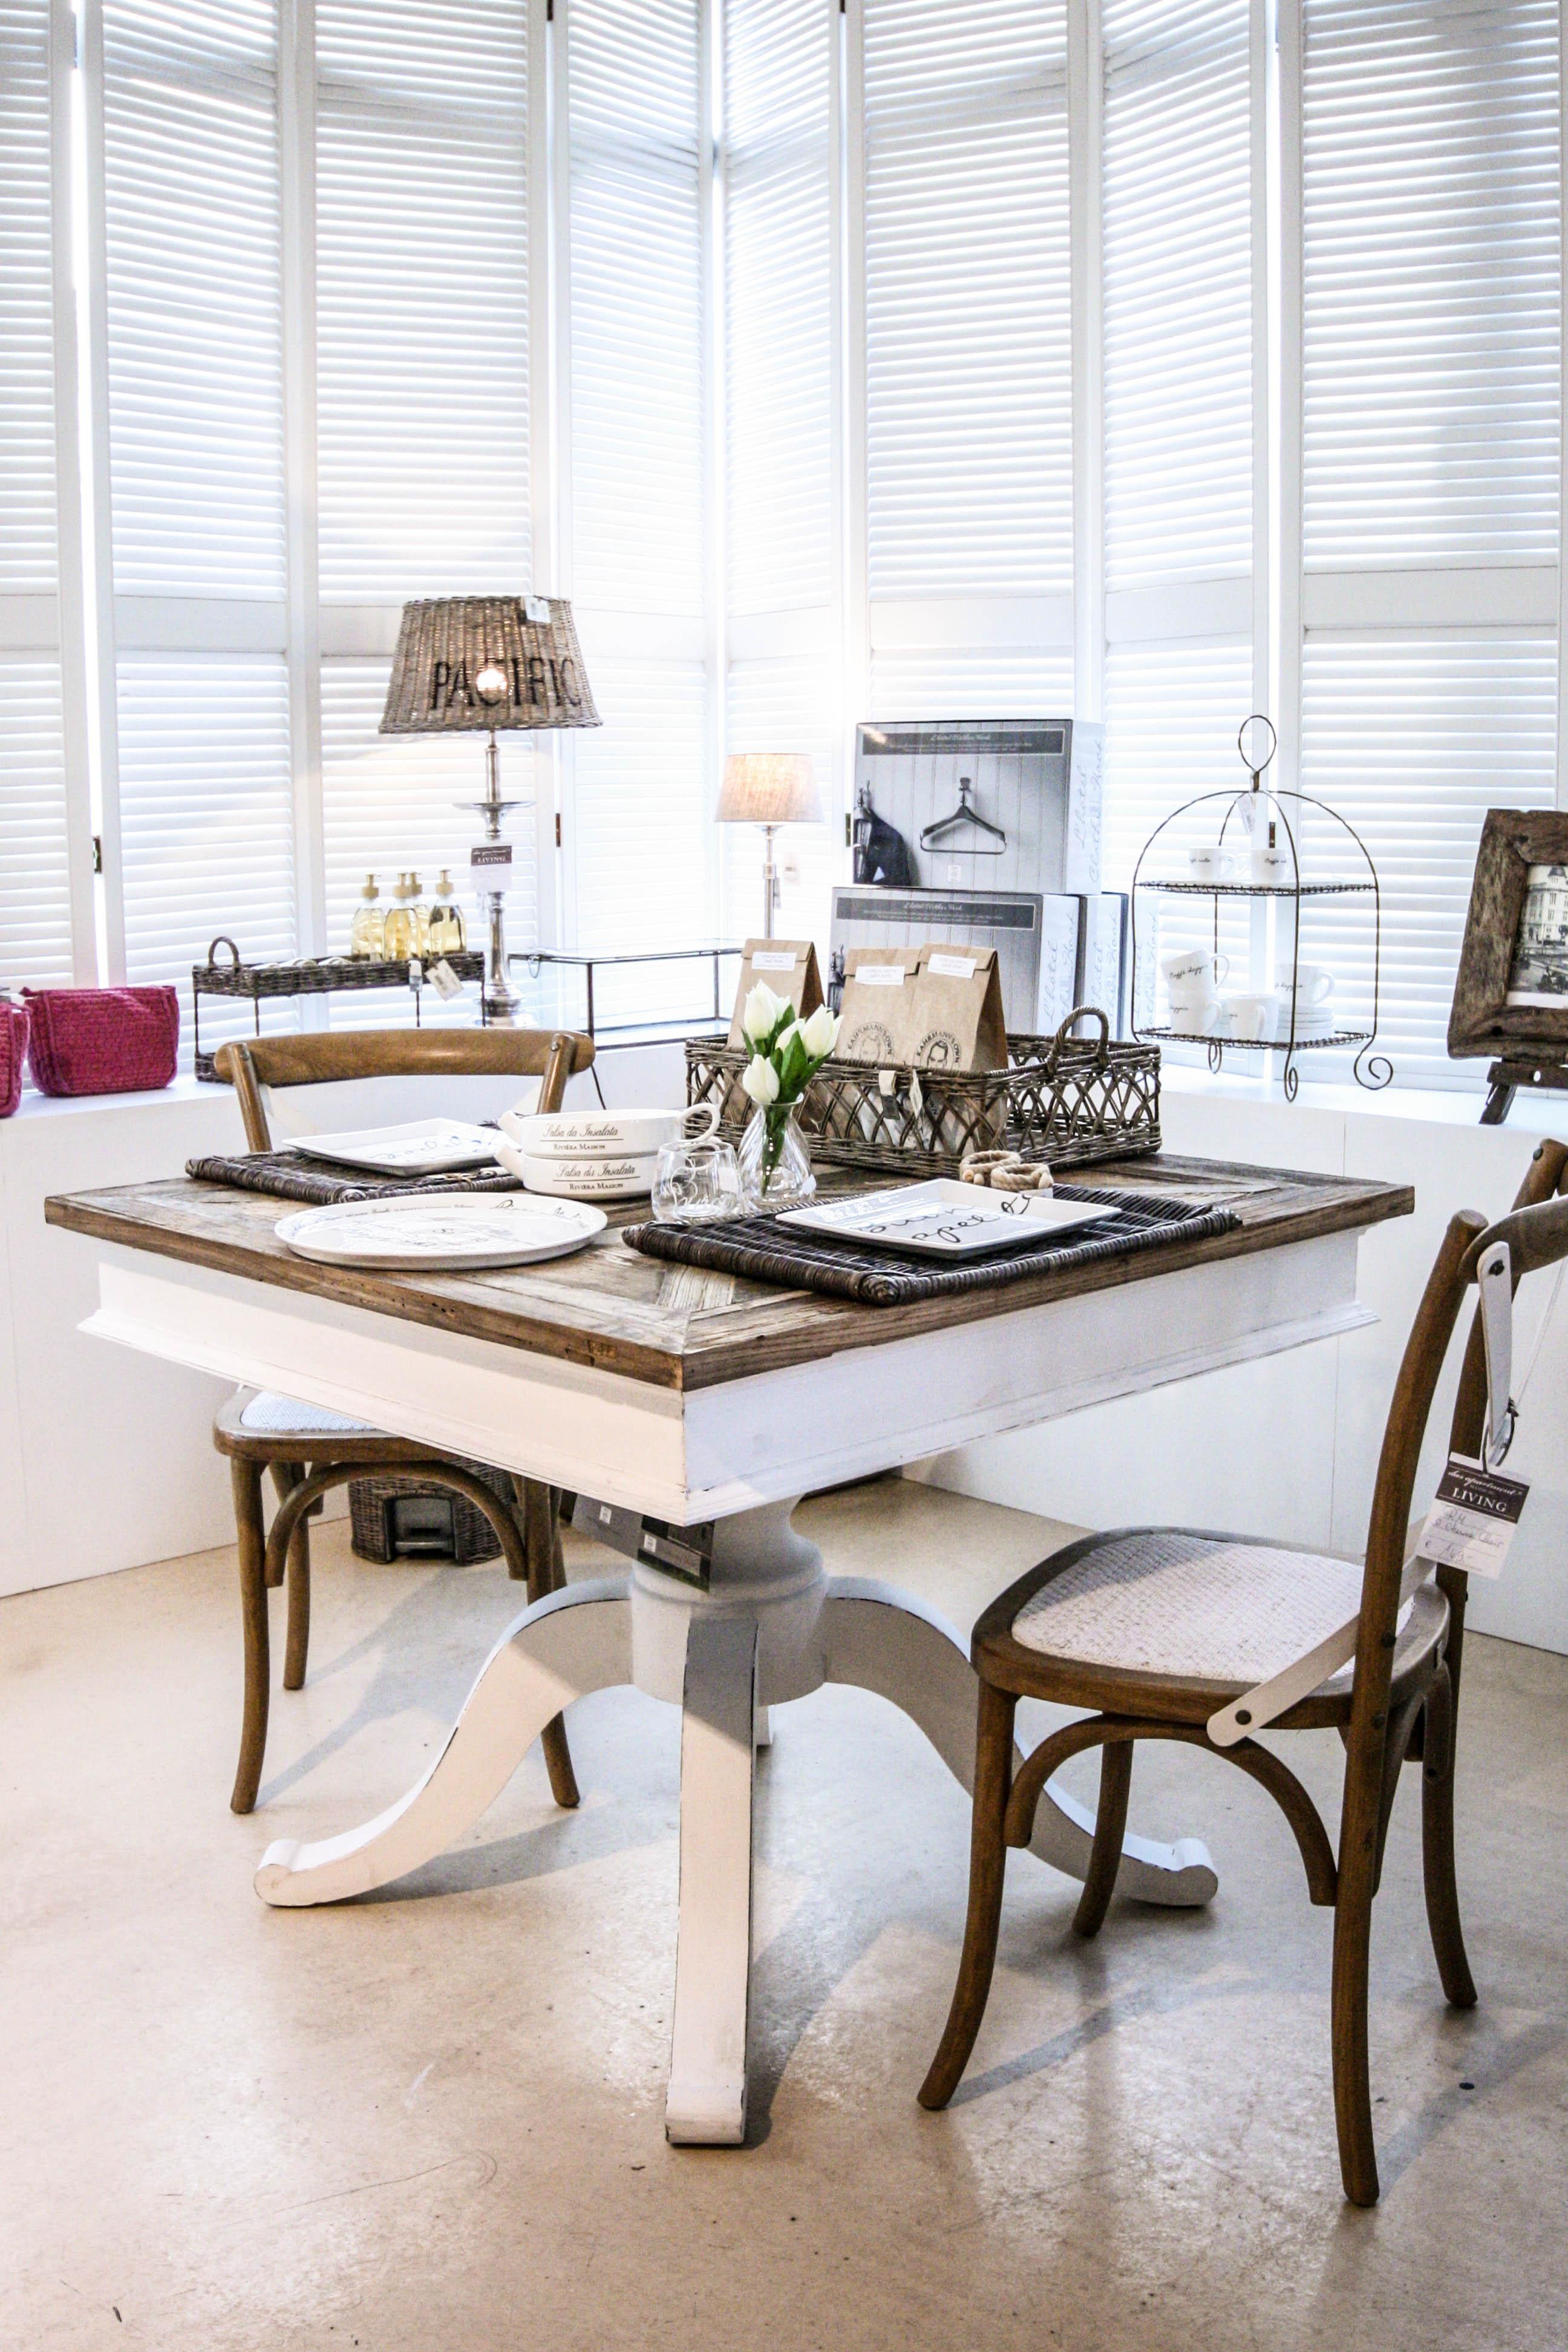 riviera maison bilder ideen couch. Black Bedroom Furniture Sets. Home Design Ideas